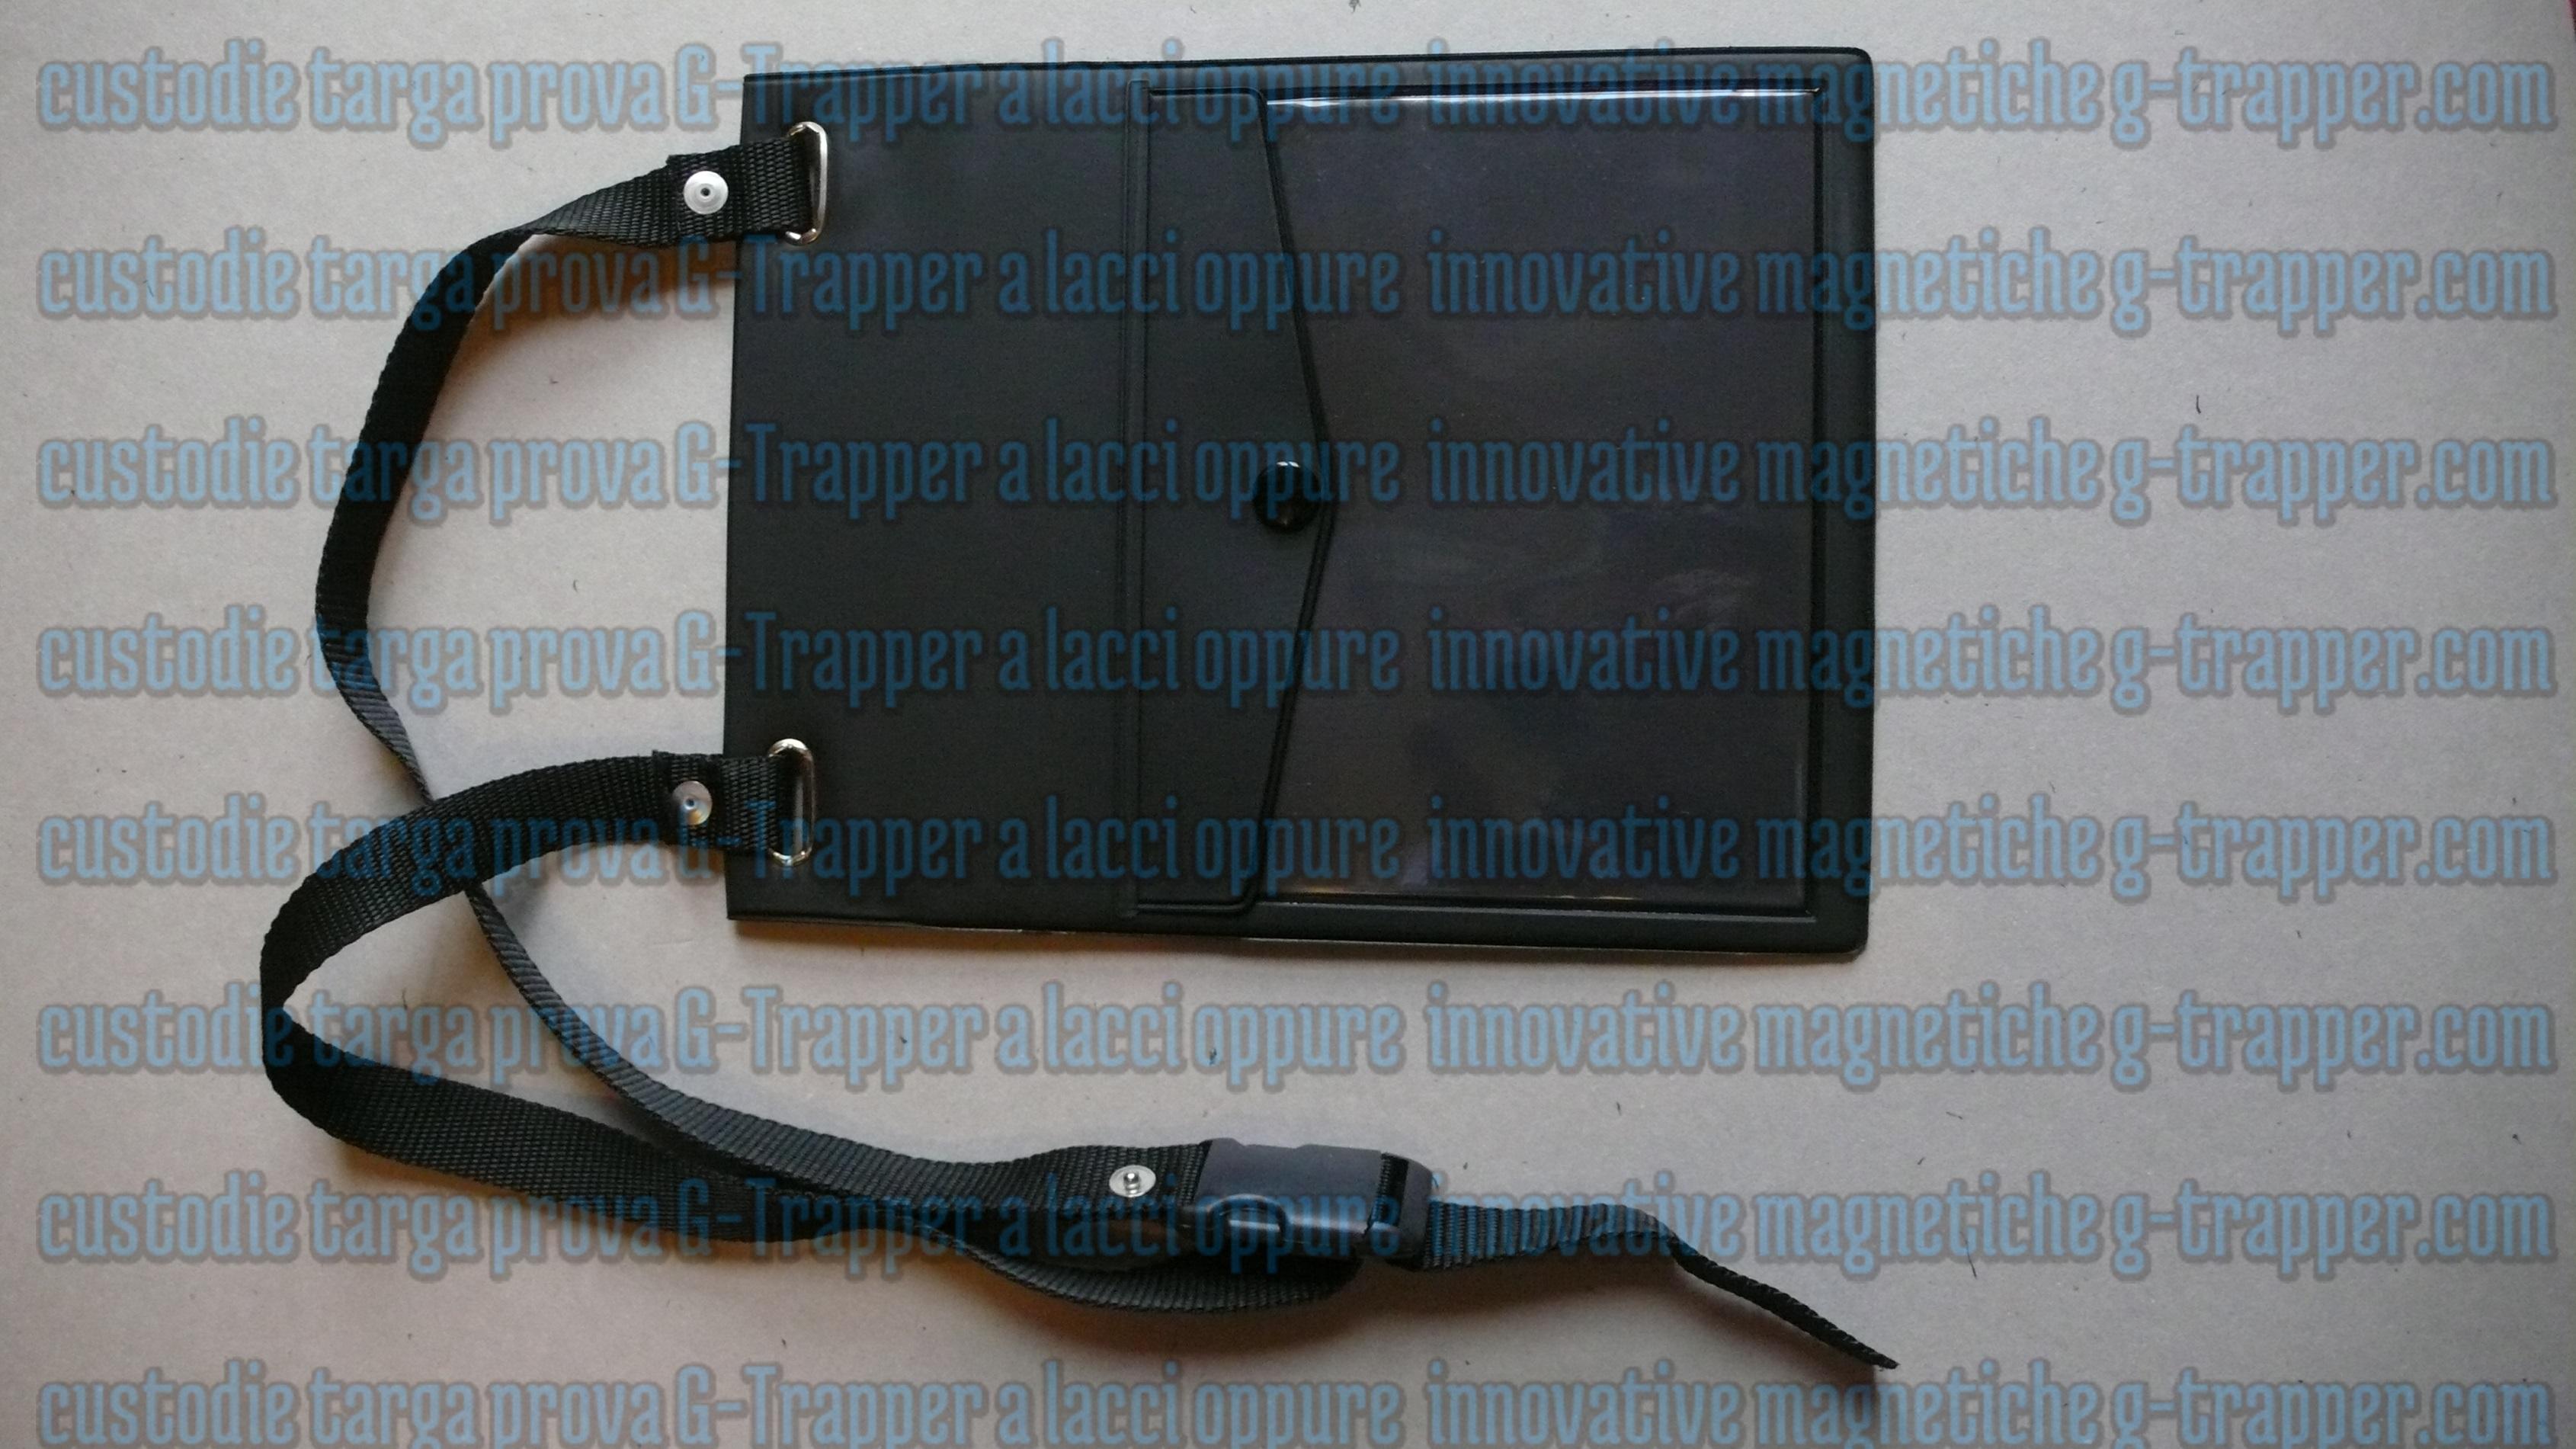 Targa prova: come la sistemiamo?  Legata, oppure magnetica, con i porta targa prova magnetici G-Trapper g-trapper.com